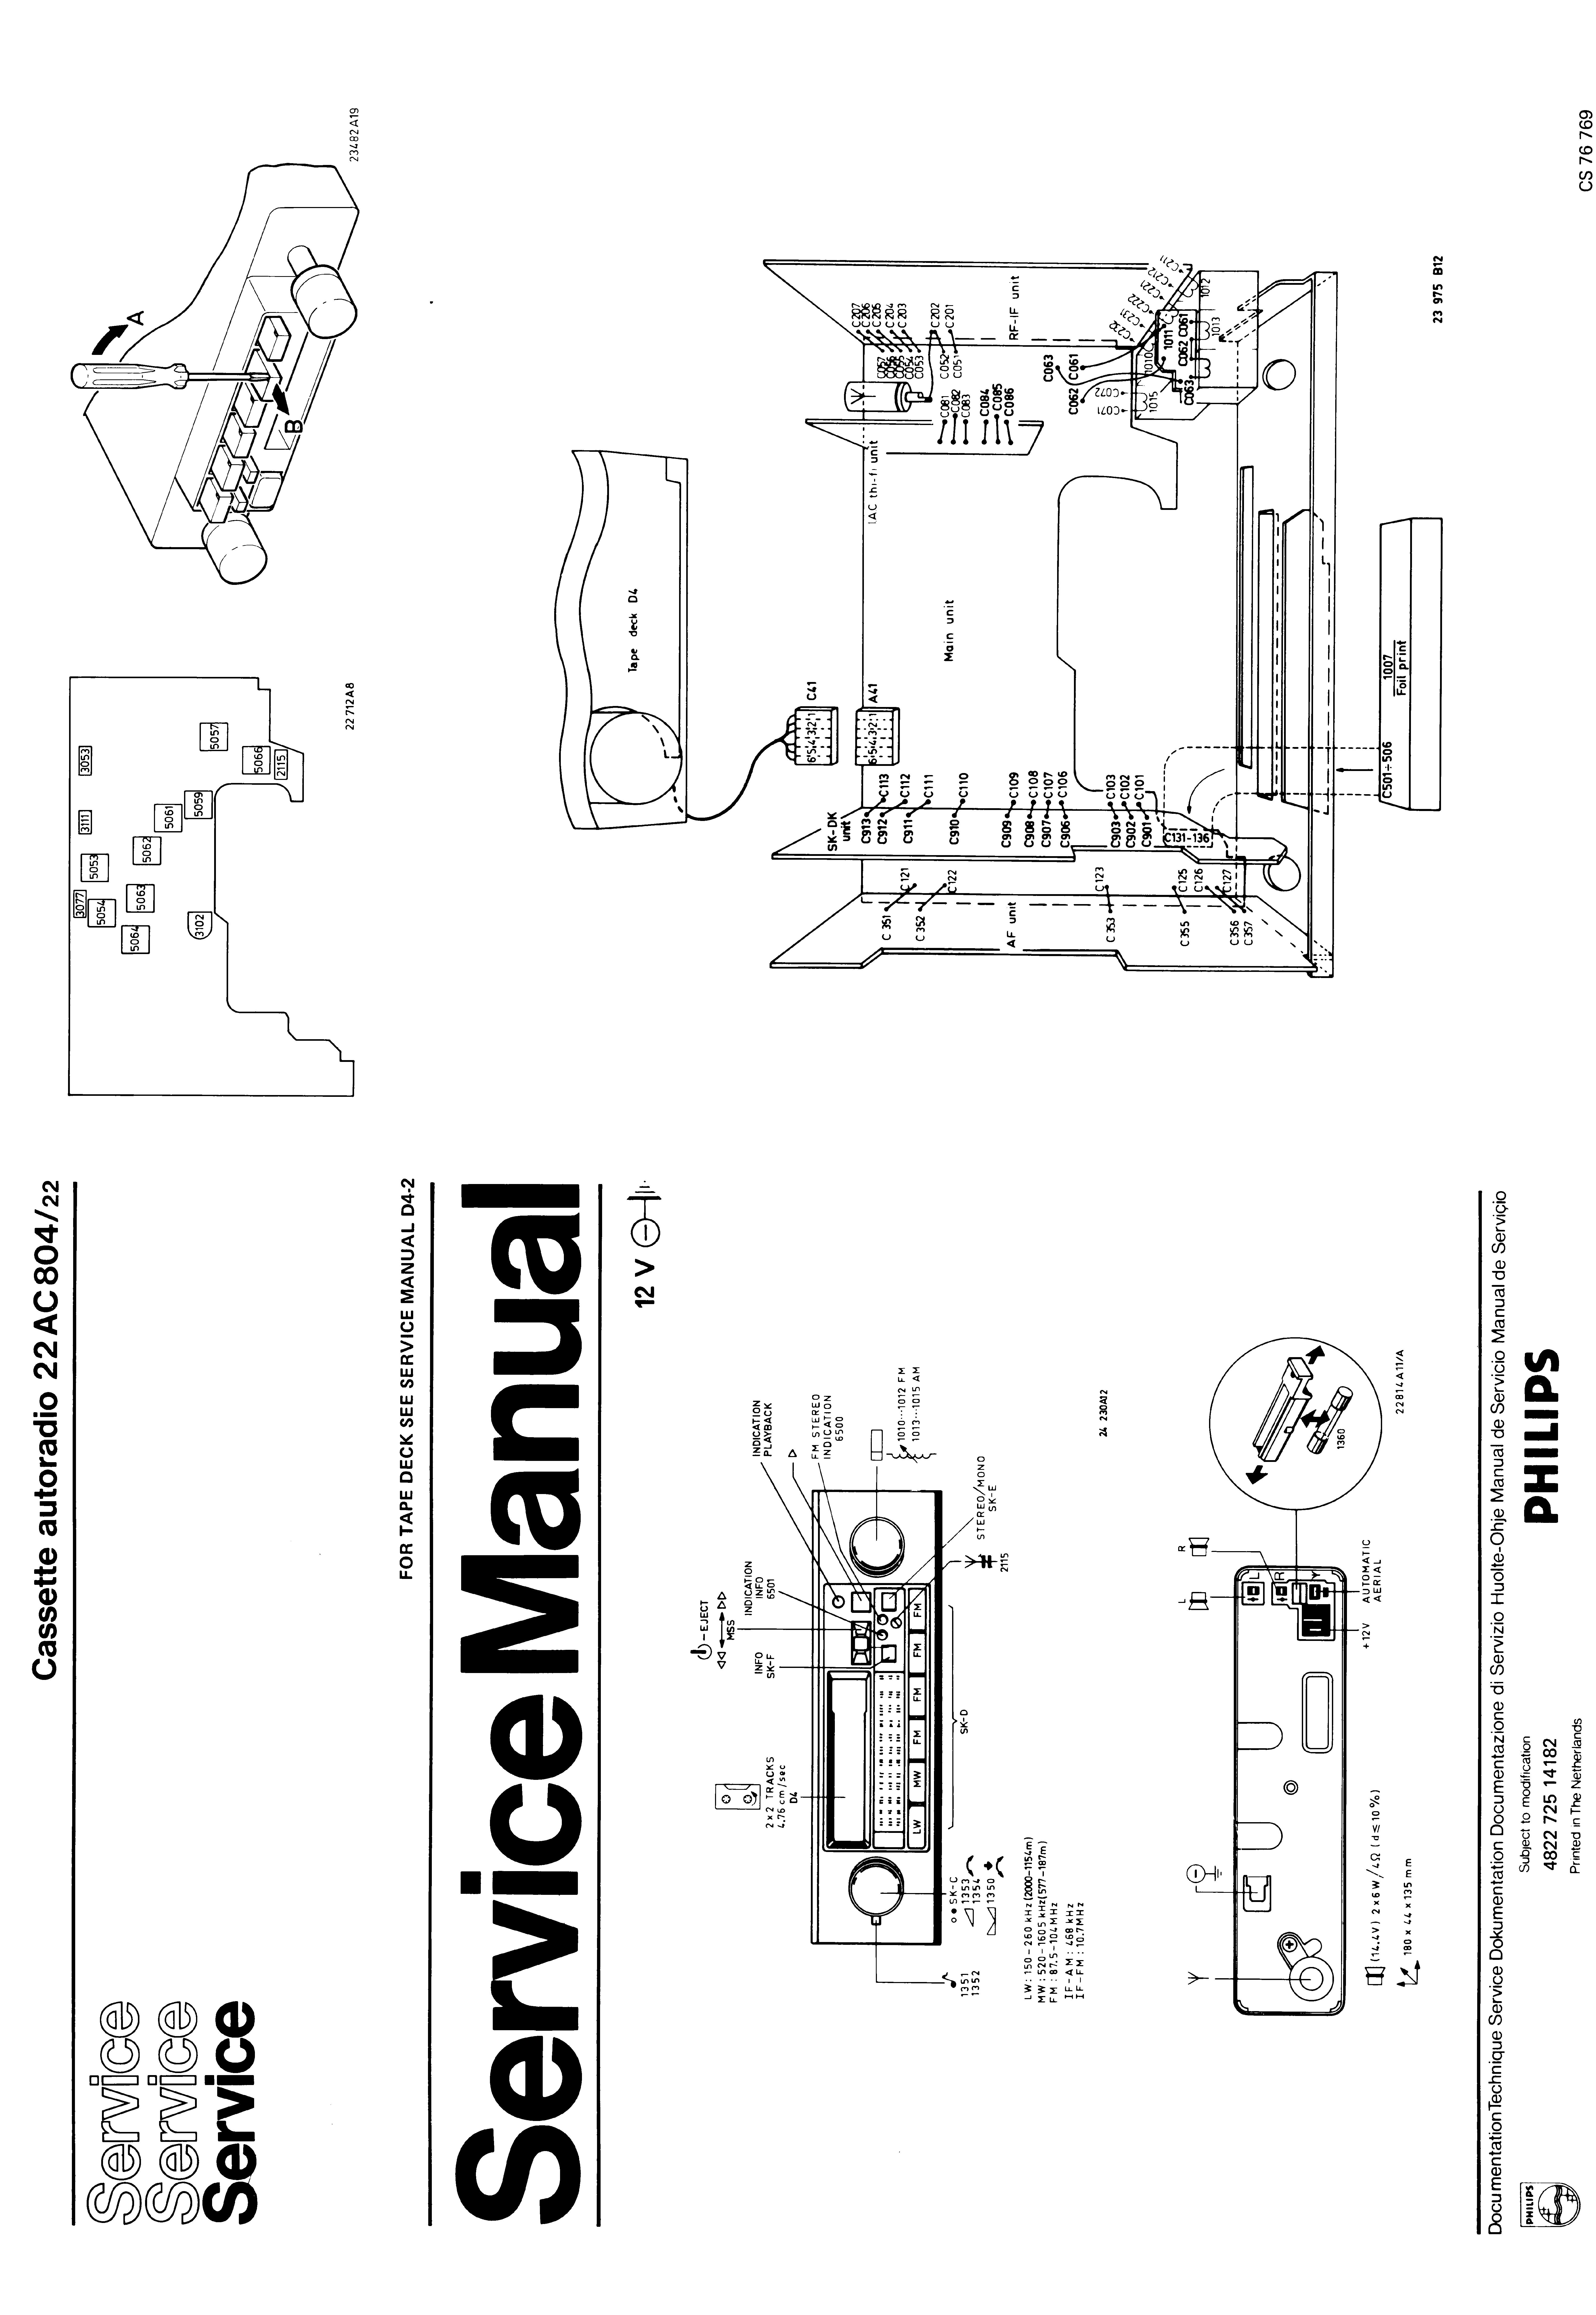 PHILIPS 22AC804 CASSETTE AUTORADIO SM Service Manual